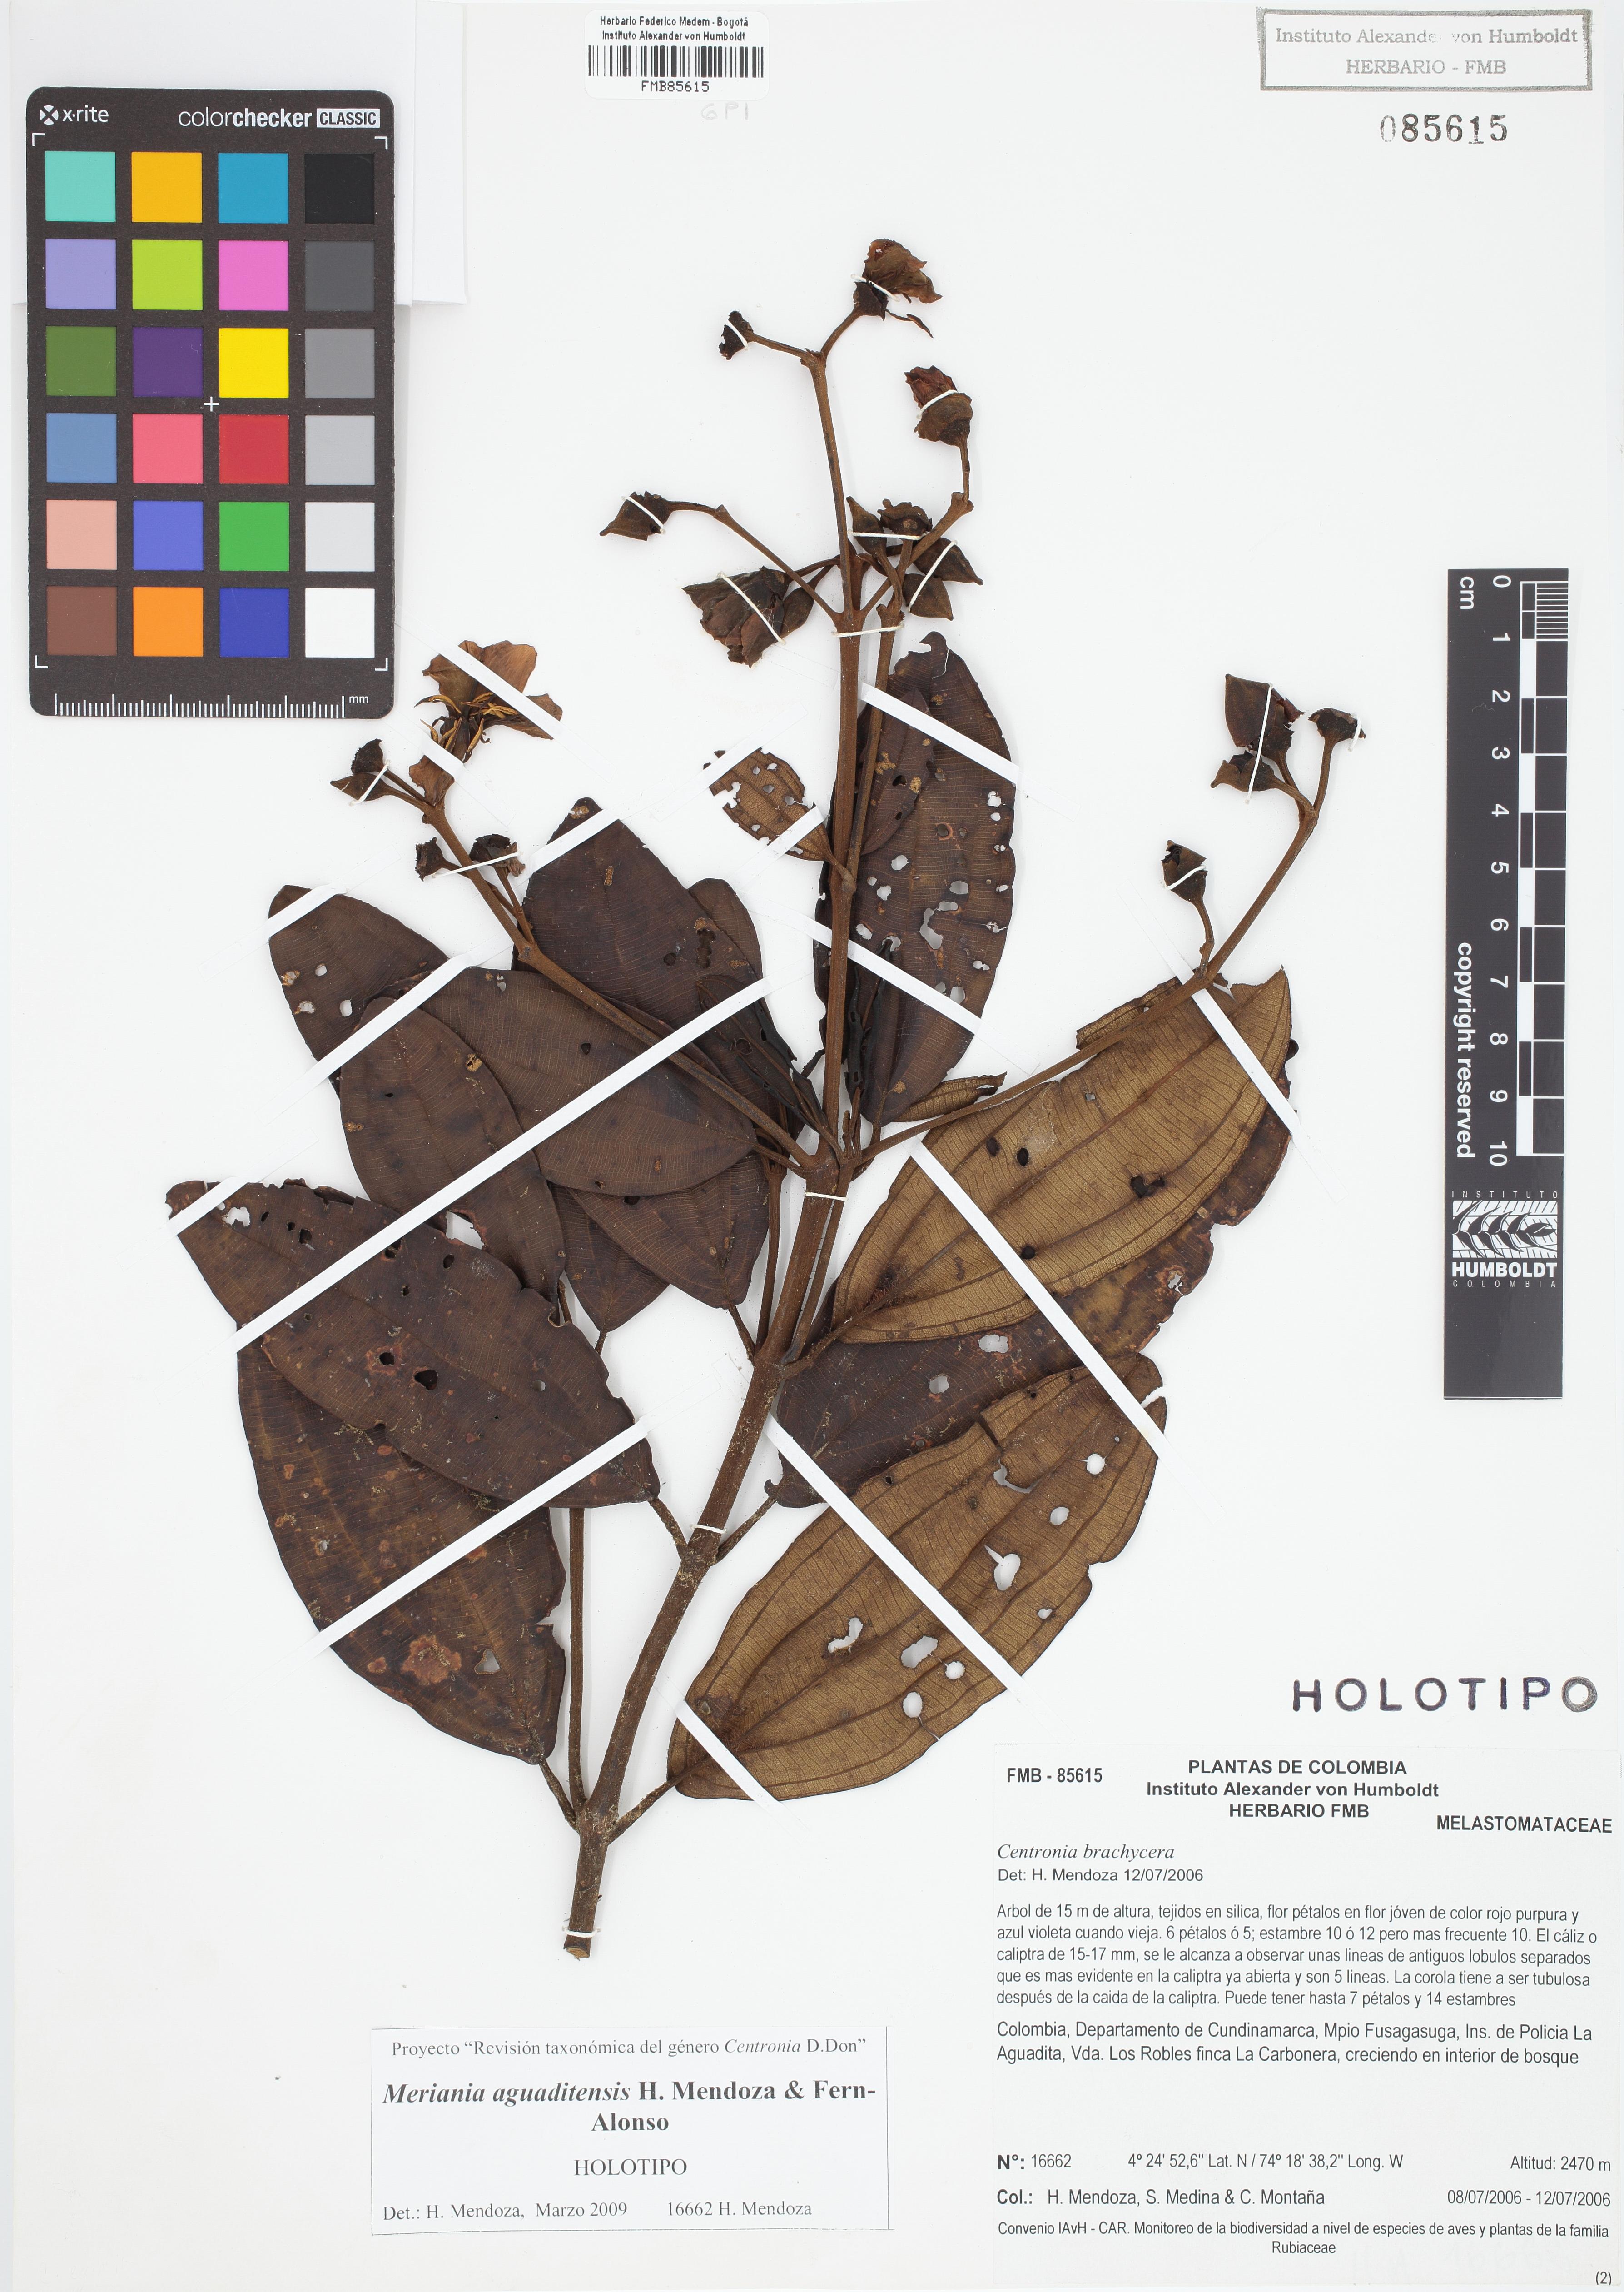 Holotipo de <em>Meriania aguaditensis</em>, FMB-85615, Fotografía por Robles A.